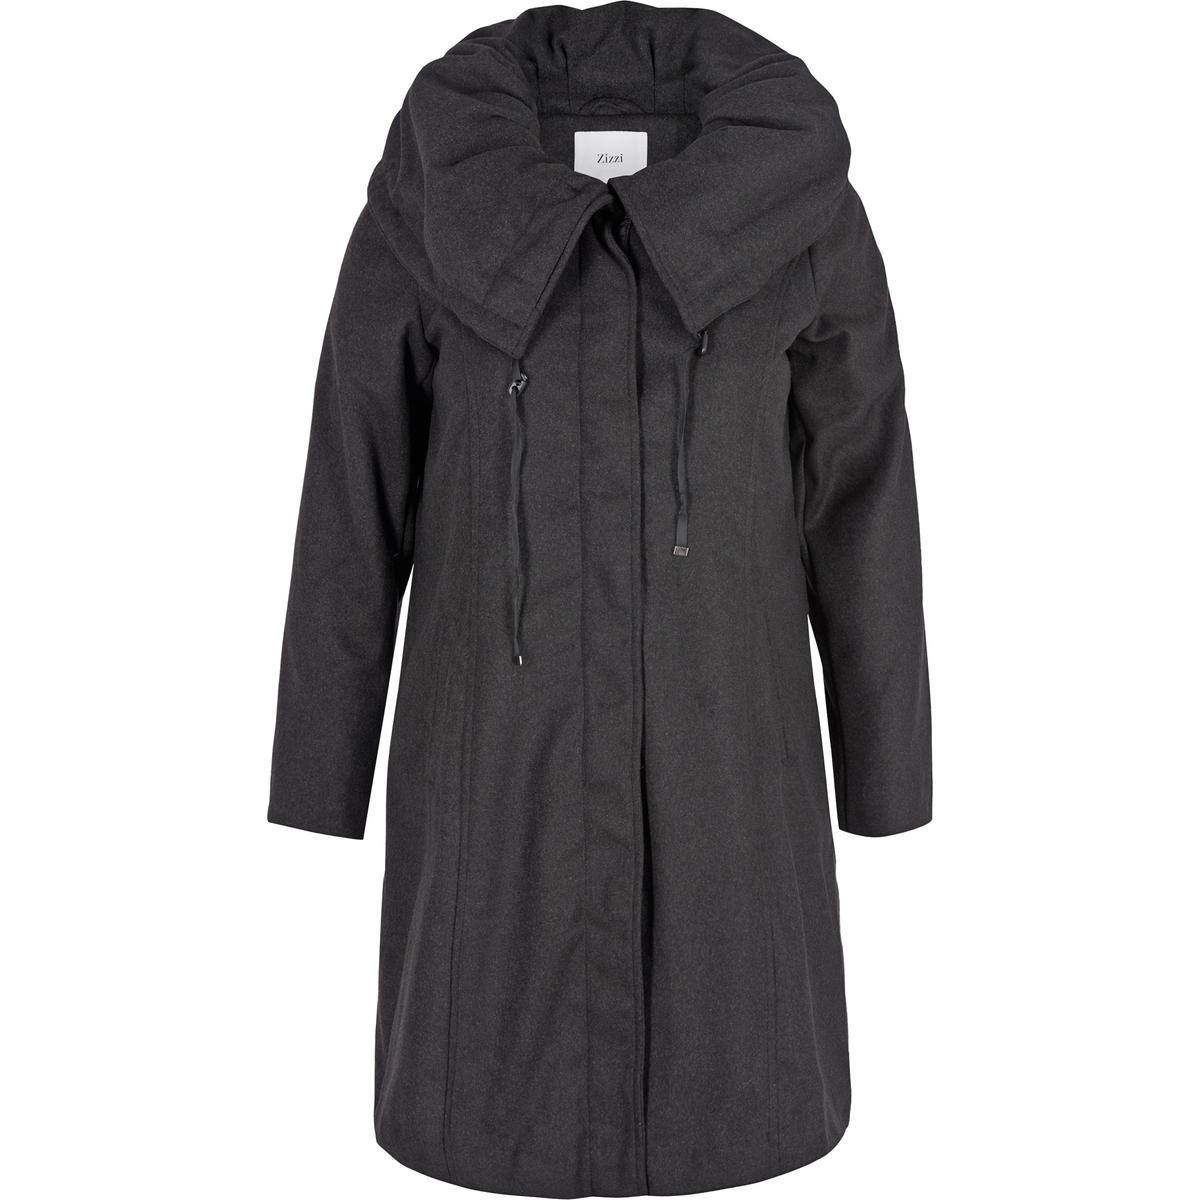 ПальтоПальто - ZIZZI. 100% полиэстер.Красивое пальто Zizzi. Косые карманы вдоль боковых швов, что придает пальто простоту и элегантность. Красивый воротник, на подкладке, застежка на скрытую пуговицу.<br><br>Цвет: серый<br>Размер: 46/48 (FR) - 52/54 (RUS)